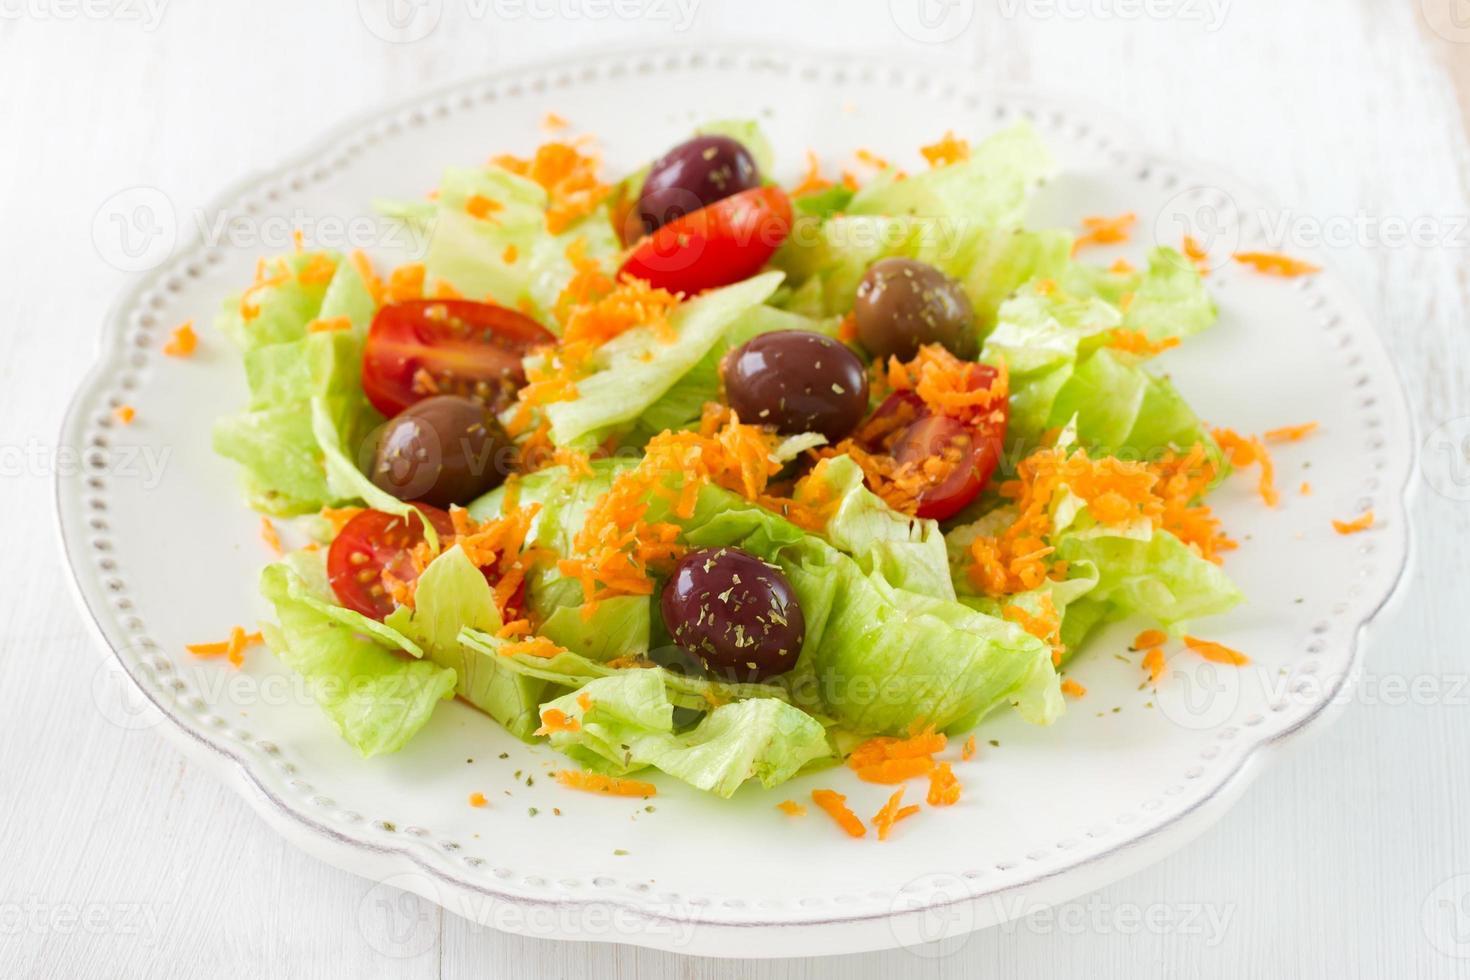 salade dans l'assiette photo